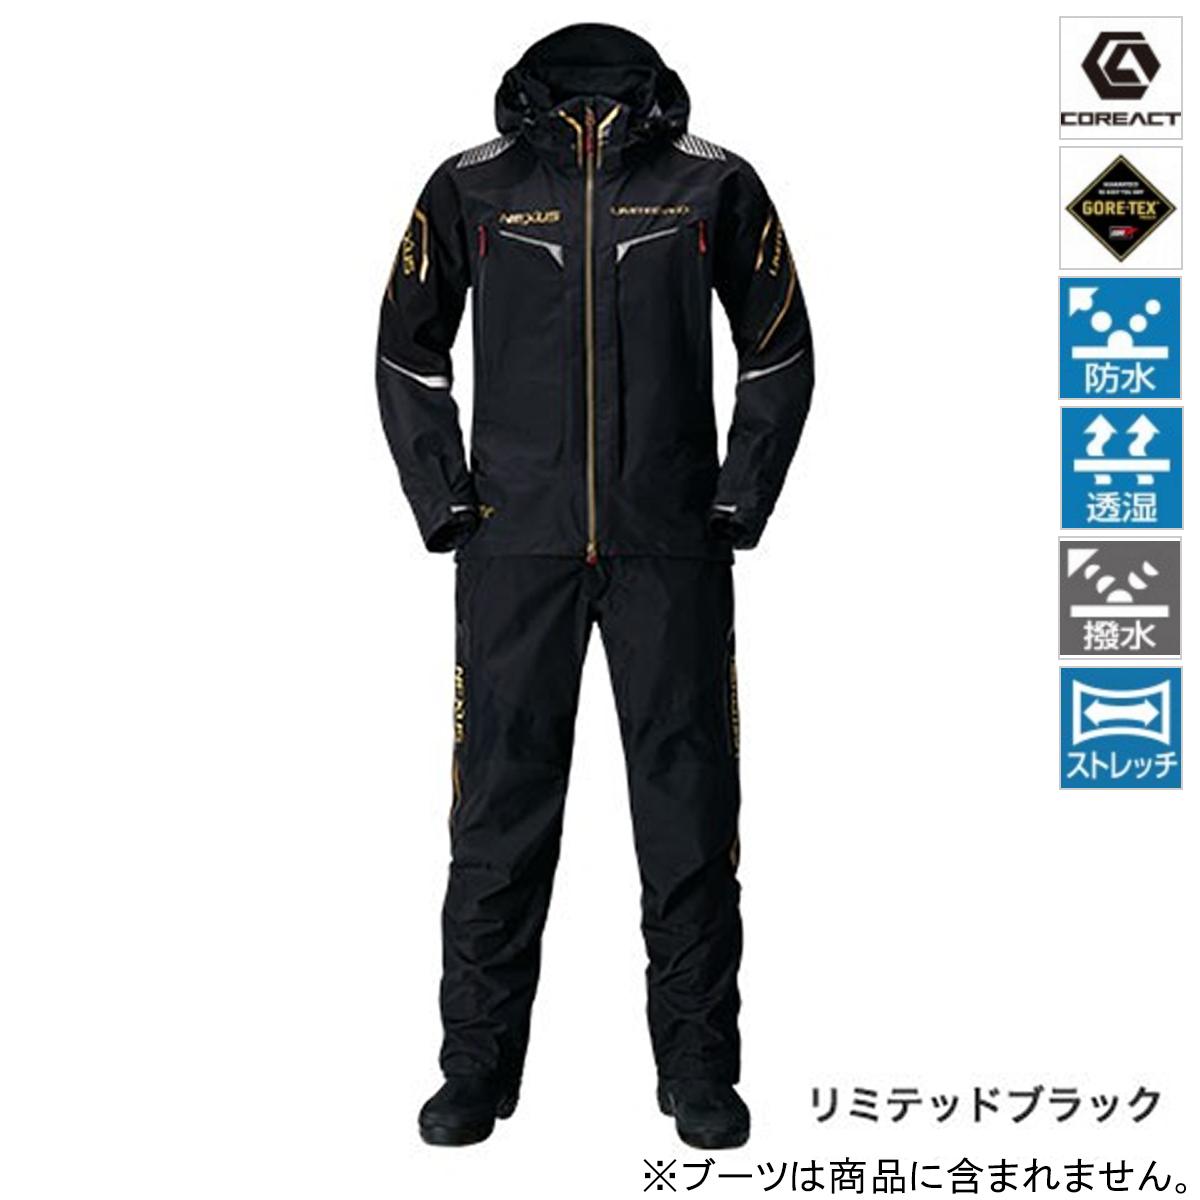 シマノ NEXUS GORE-TEX RAINSUIT LIMITED PRO RA-112Q 2XL リミテッドブラック(東日本店)